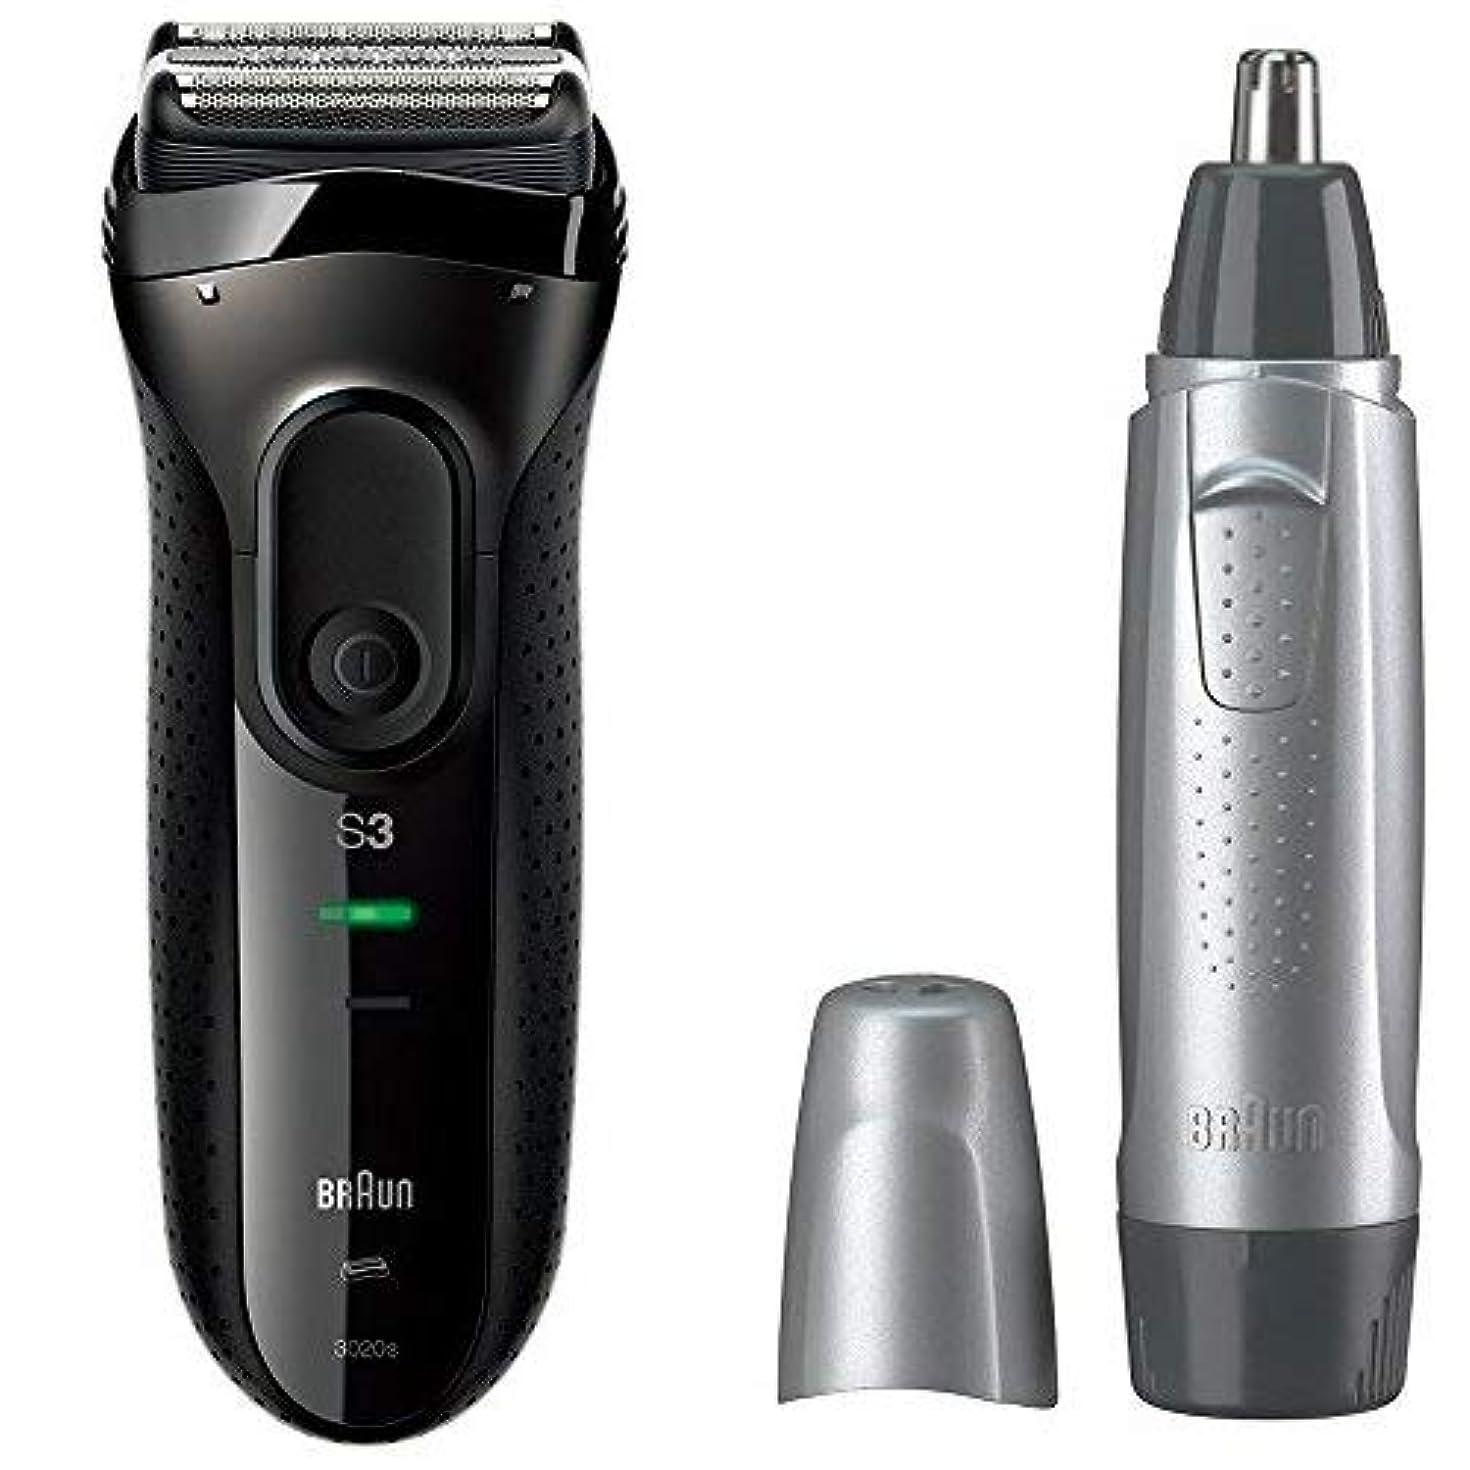 評価する指定くそー【セット買い】ブラウン シリーズ3 メンズ電気シェーバー 3020s-B + 鼻毛カッター EN10